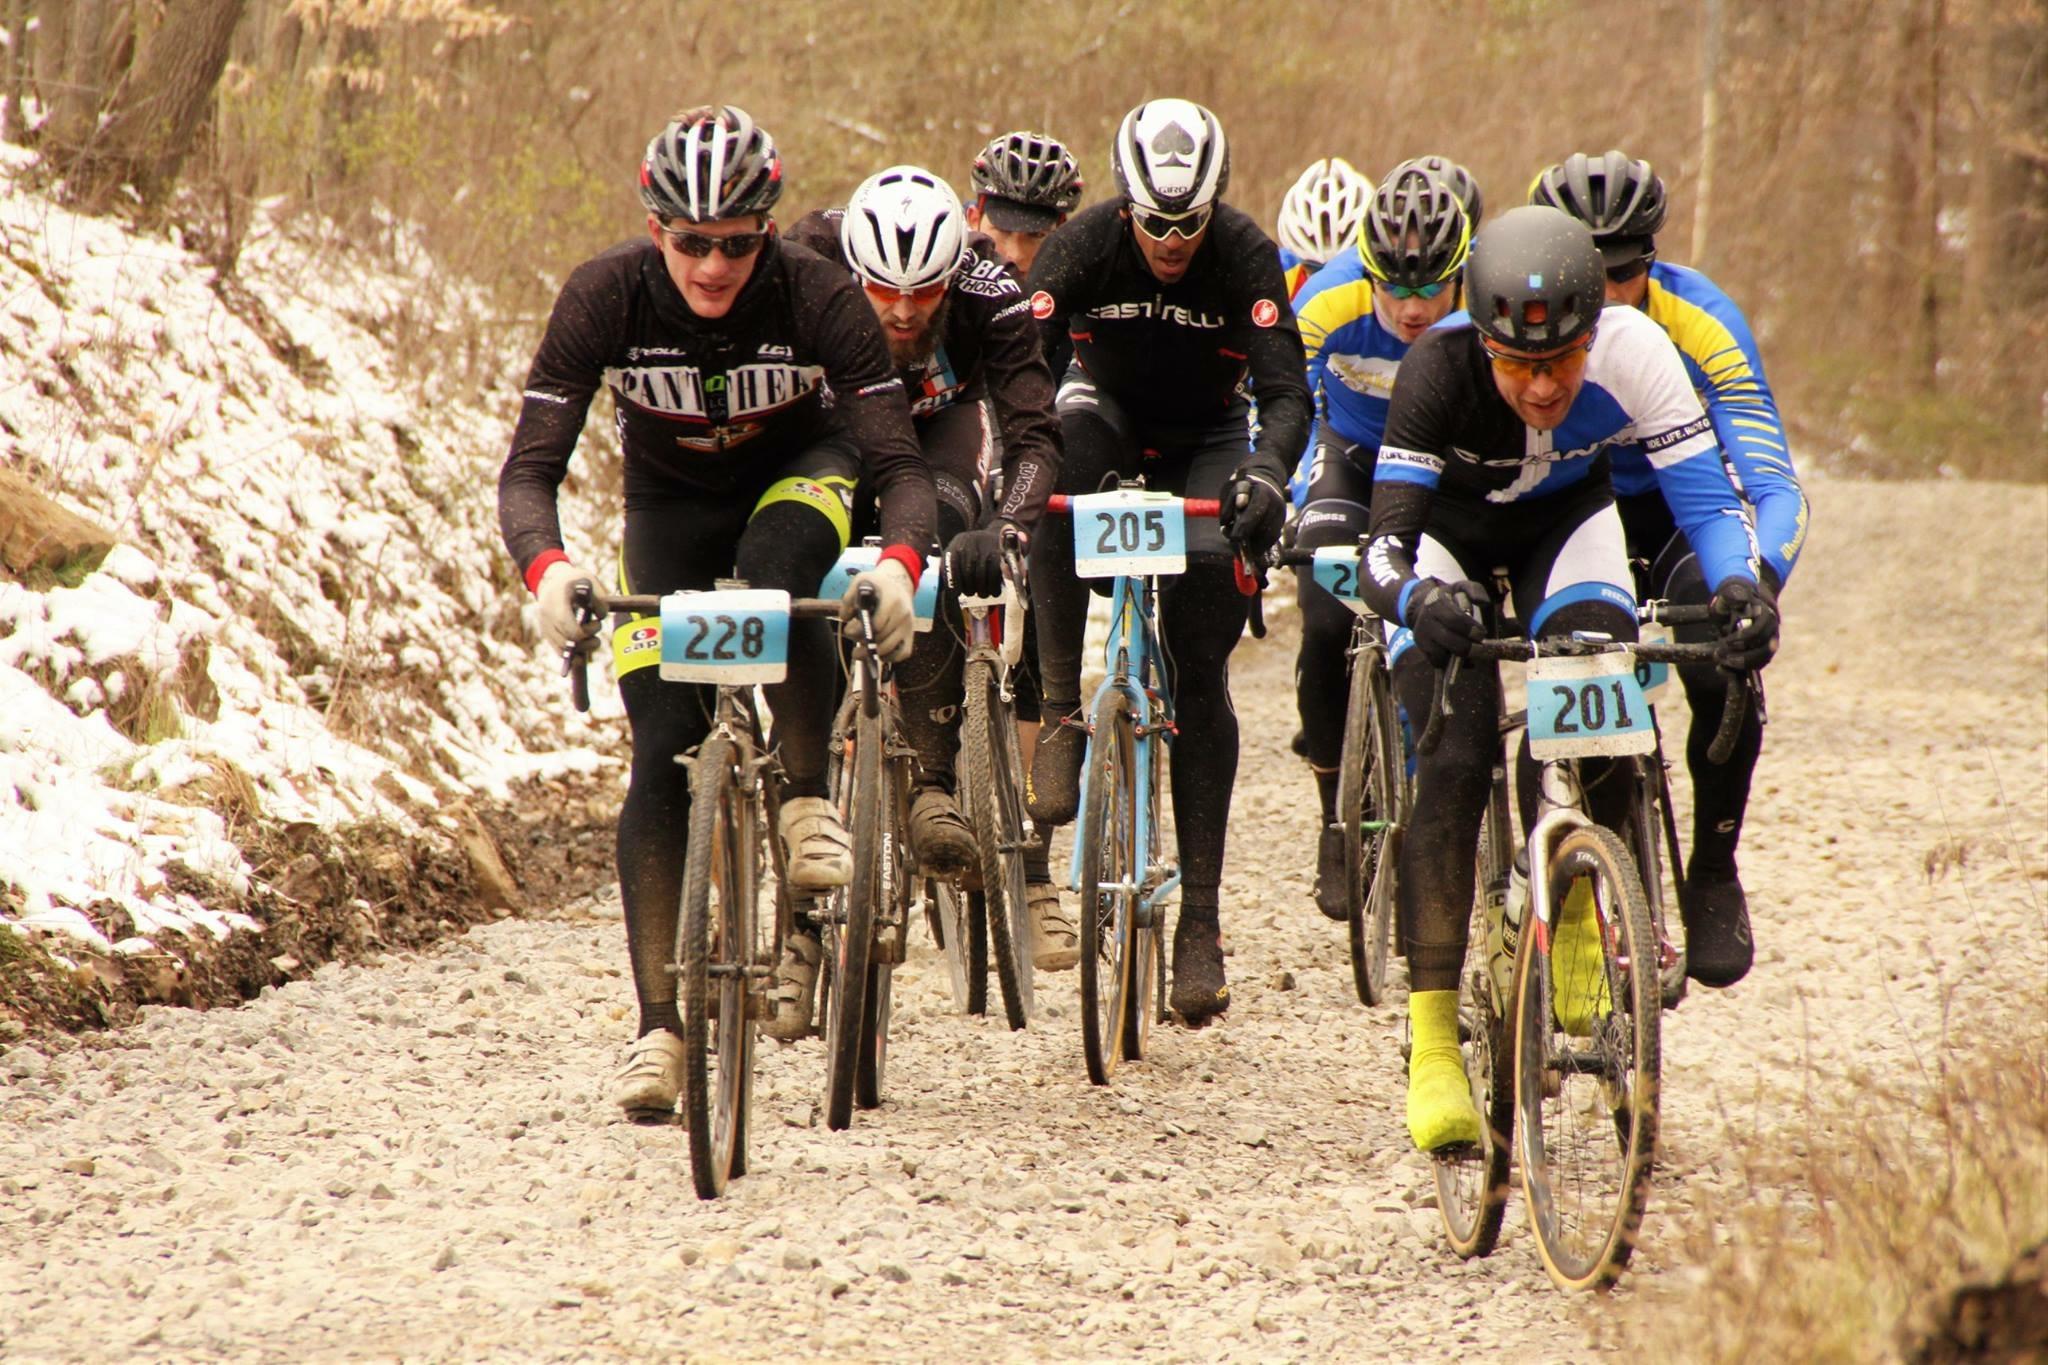 Η εξέλιξη του gravel bike racing - Video